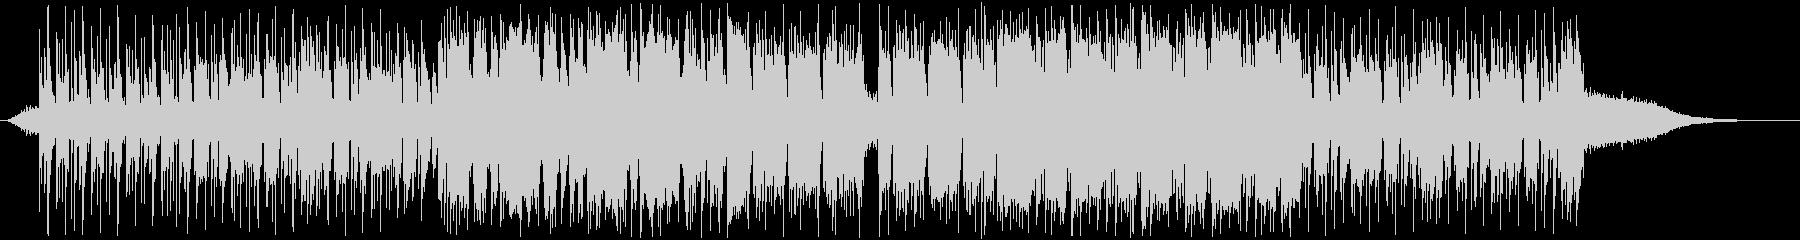 ハネたリズムのインダストリアルロックの未再生の波形